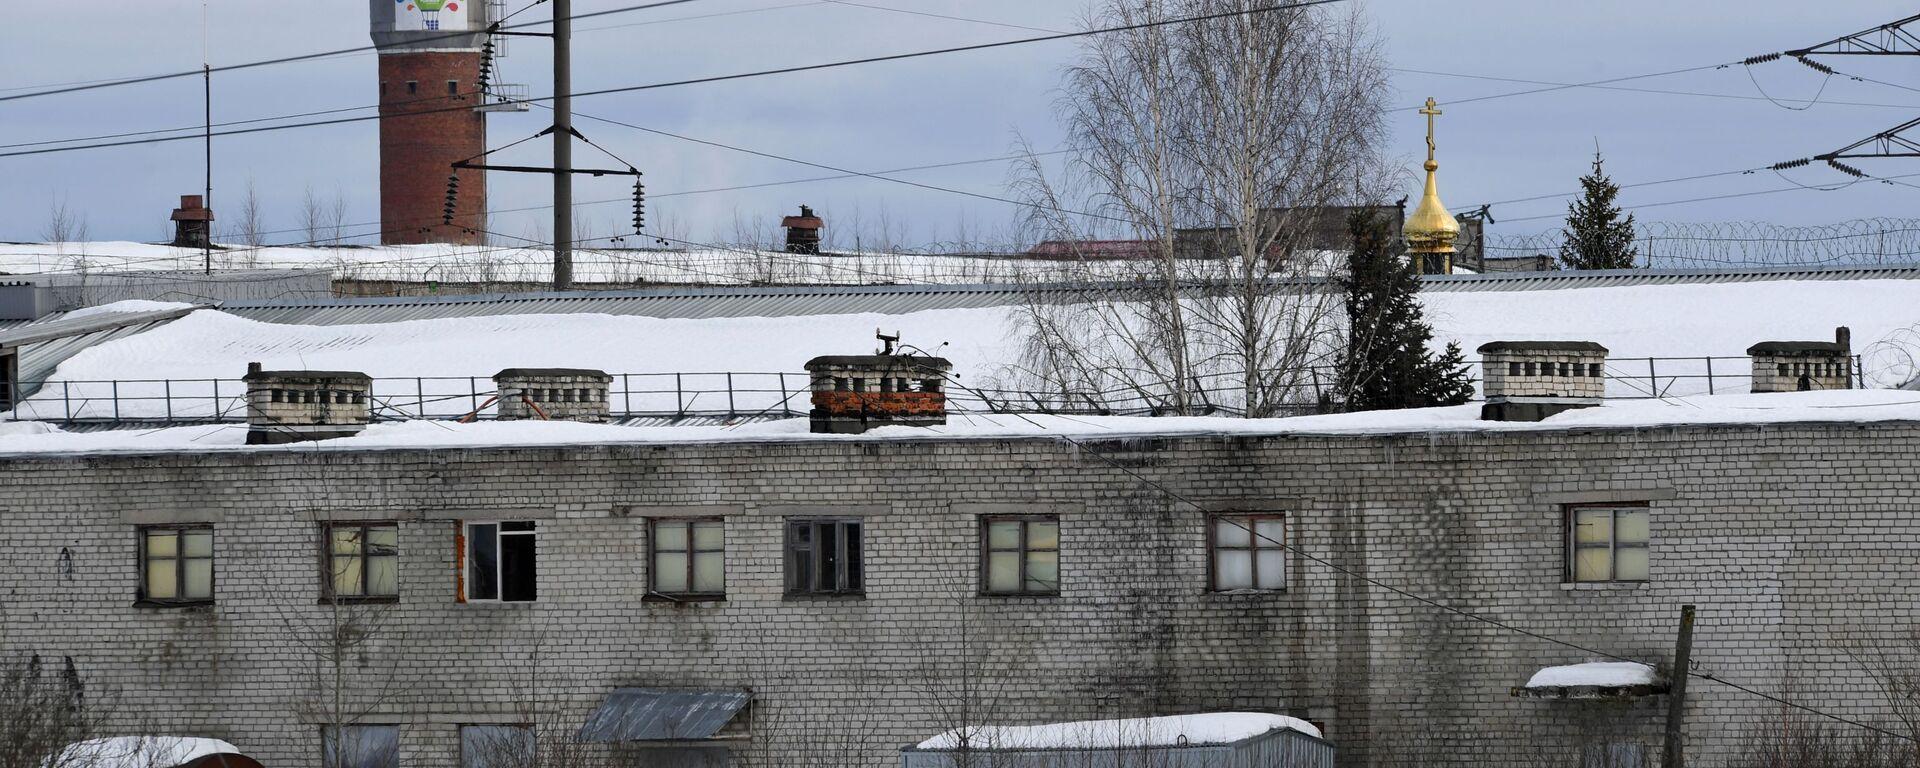 Pokrovské nápravné zařízení ve Vladimirské oblasti - Sputnik Česká republika, 1920, 25.03.2021